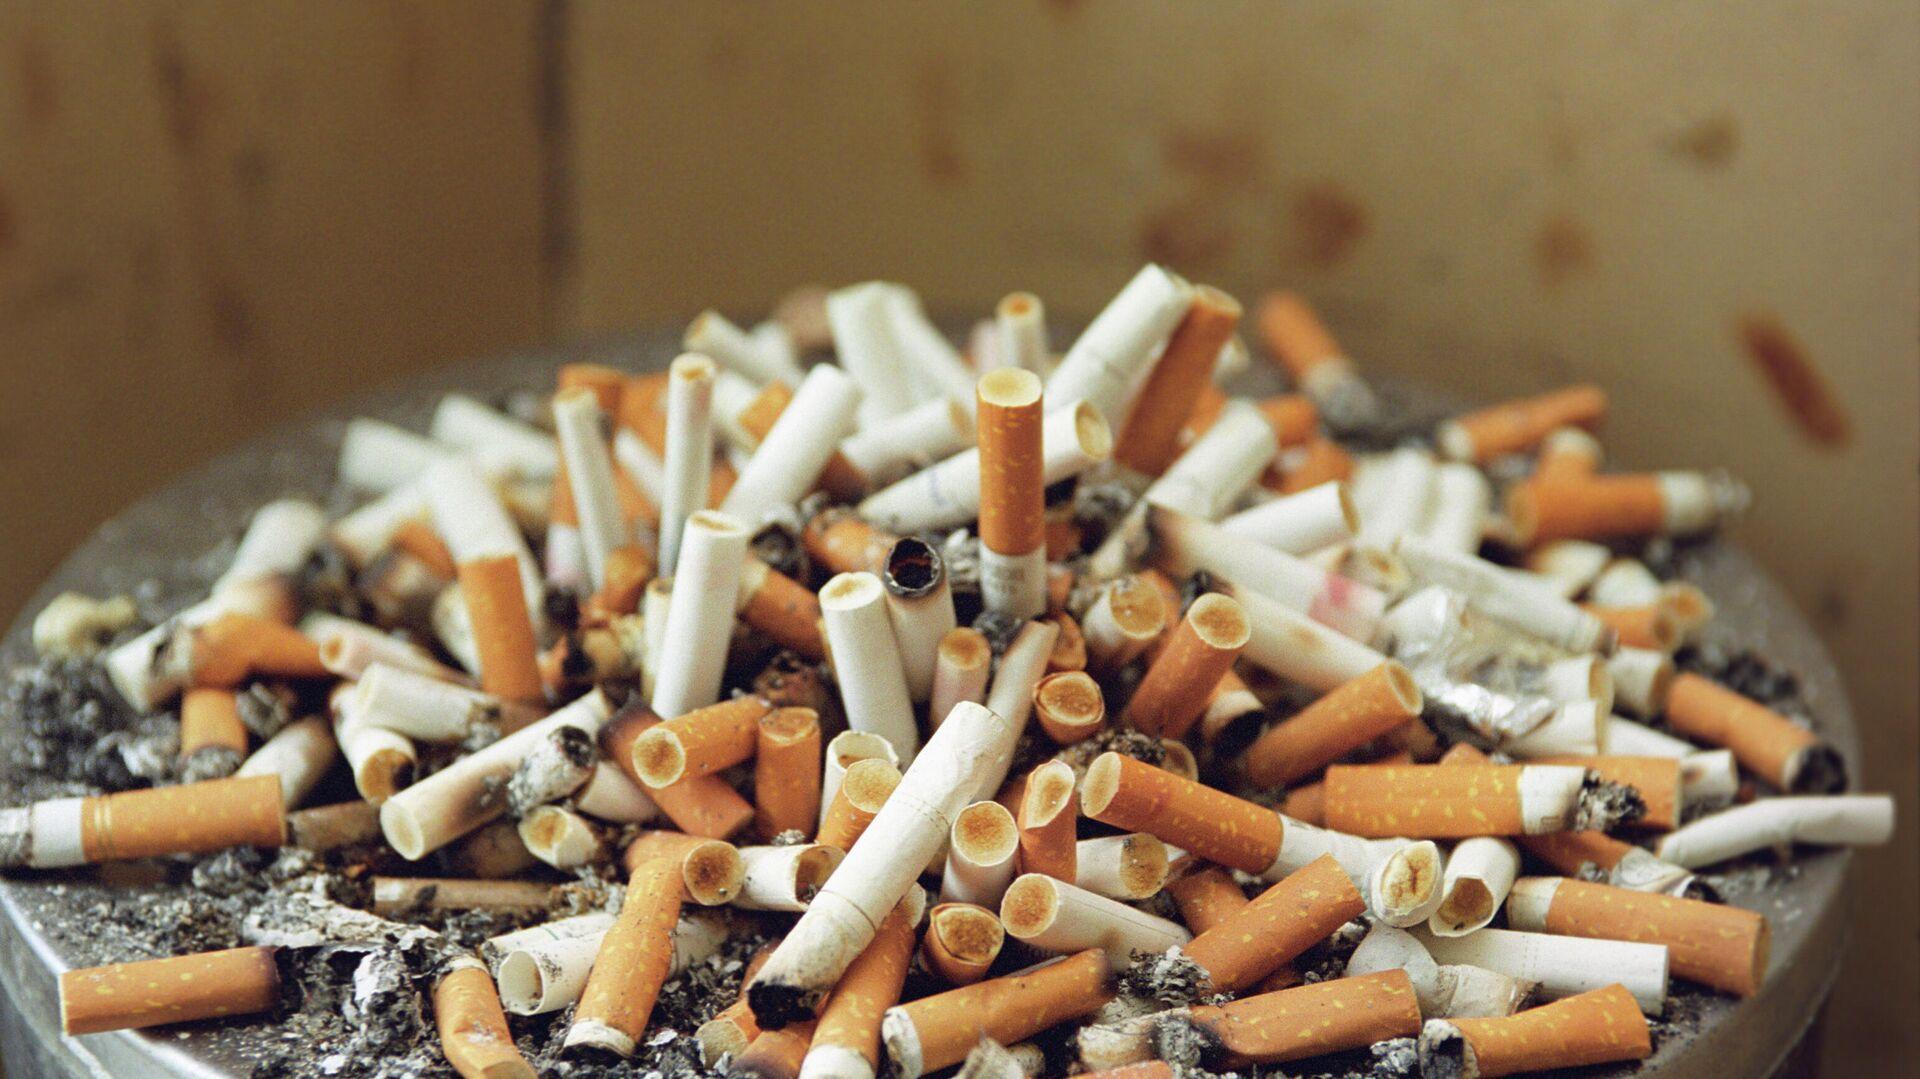 Урна с окурками сигарет - РИА Новости, 1920, 27.07.2021